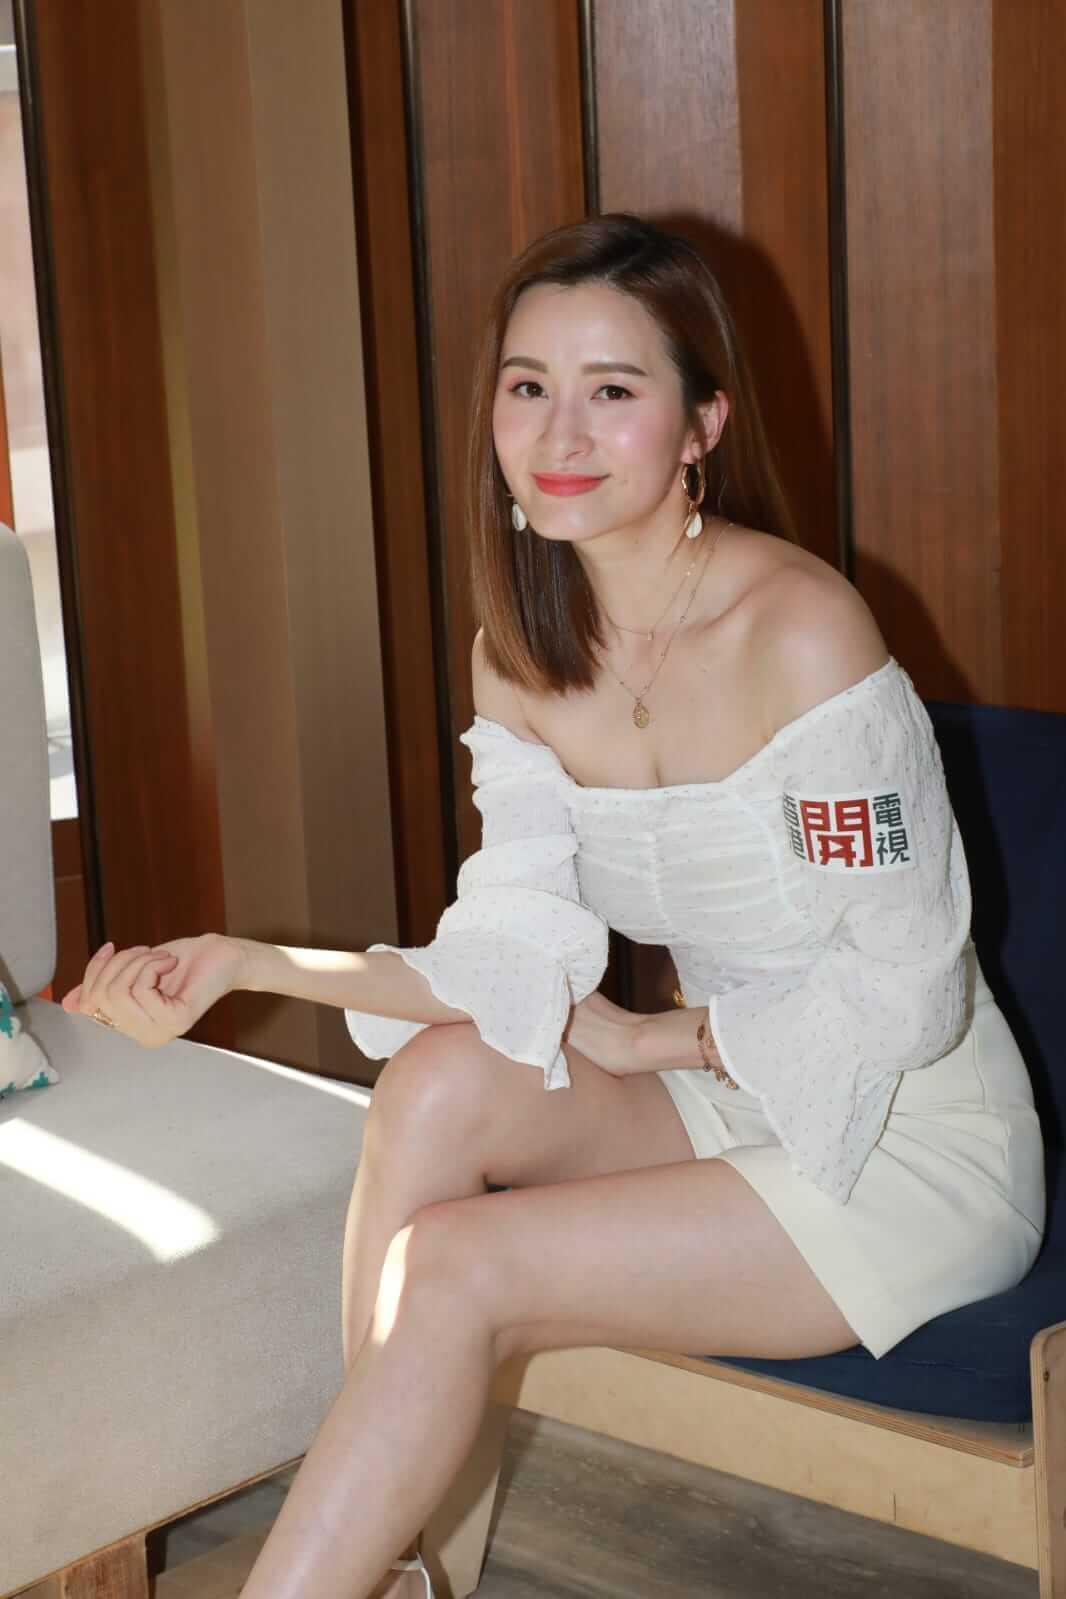 梁諾妍期望洪永城是五星級男友 沈卓盈廚藝突飛猛進 - 本地 - 明周娛樂